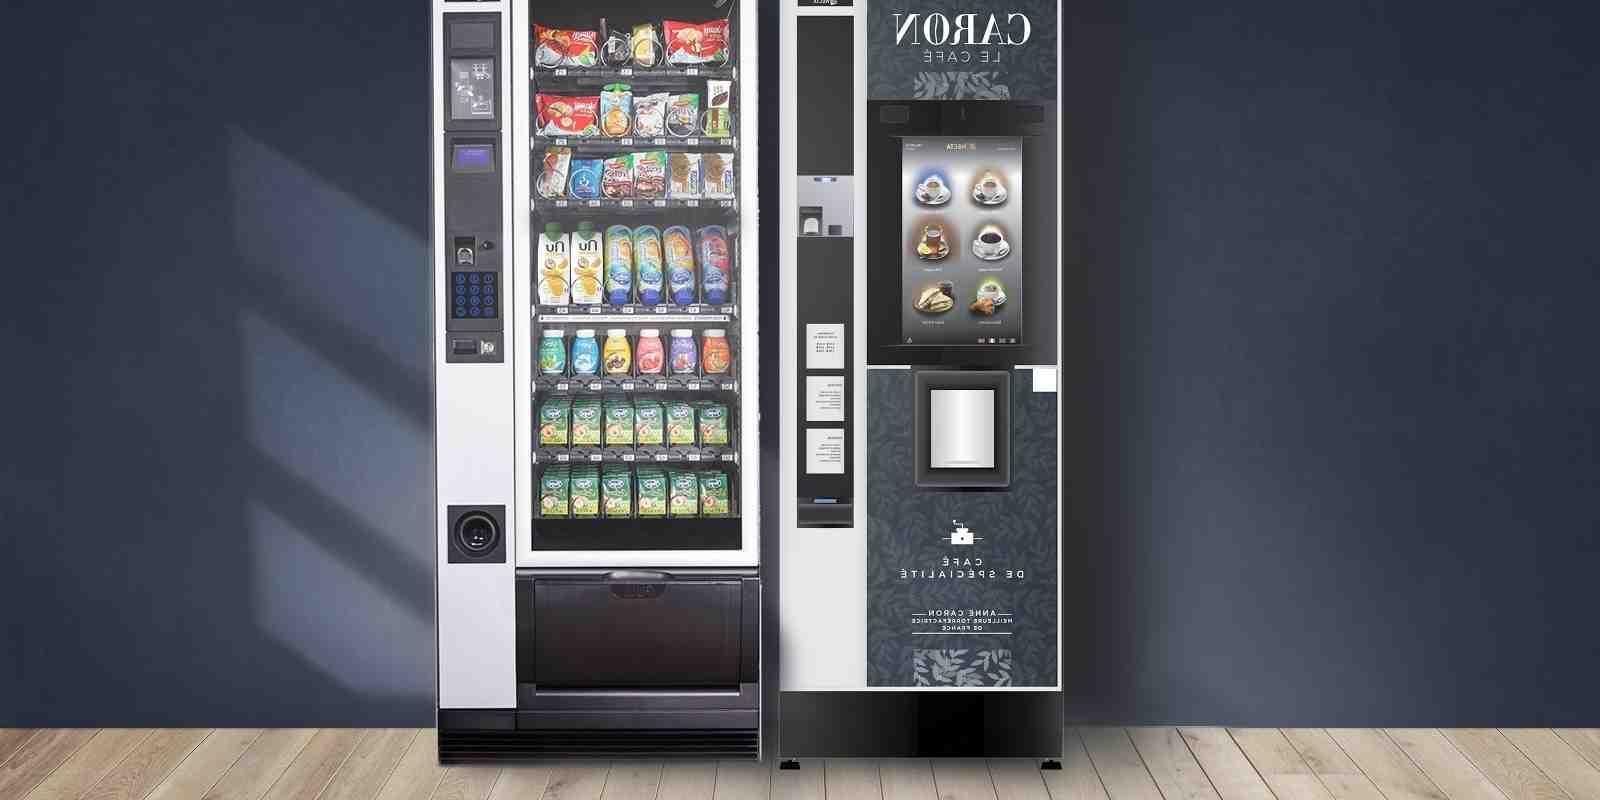 Comment choisir une machine à café automatique ?